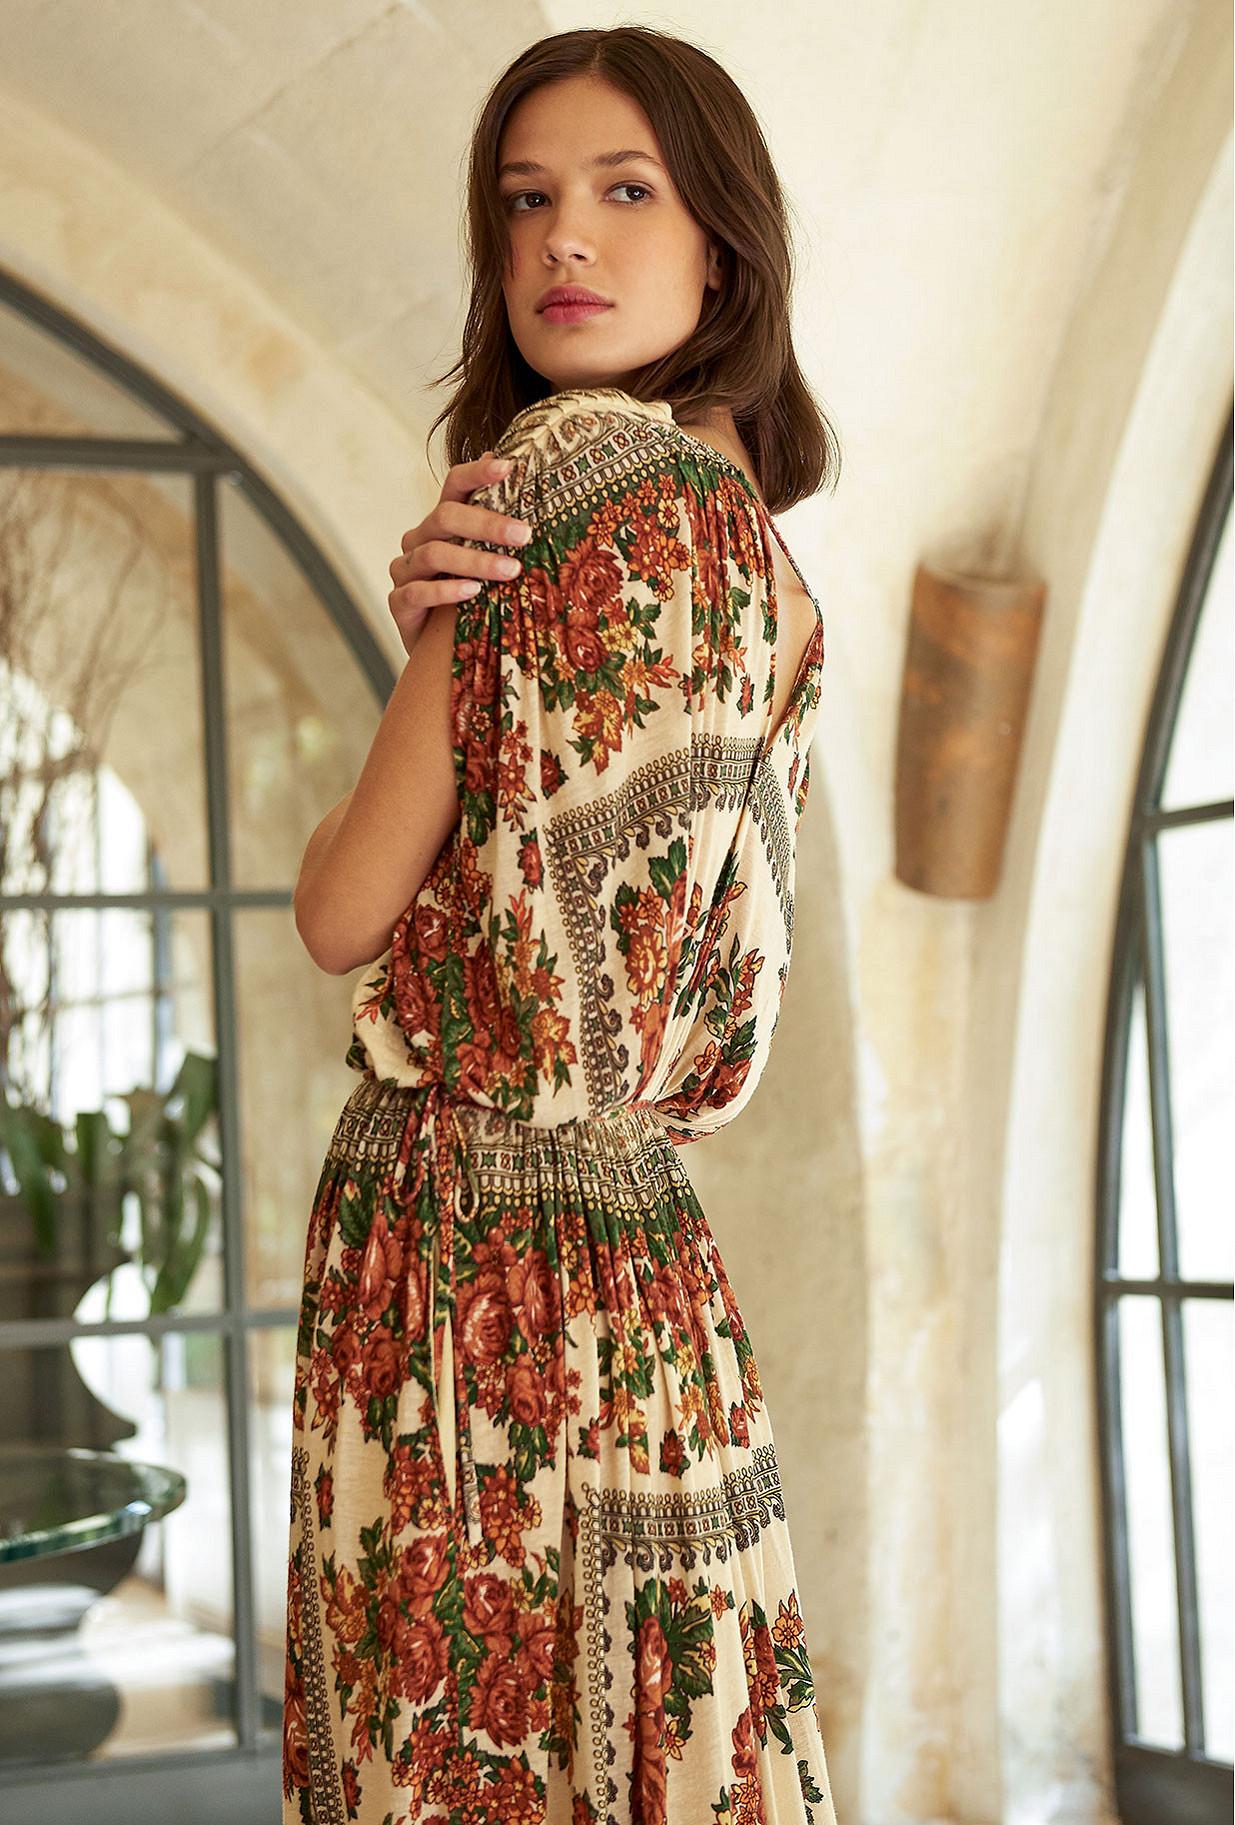 Robe Imprimé fleuri  Katrina mes demoiselles paris vêtement femme paris